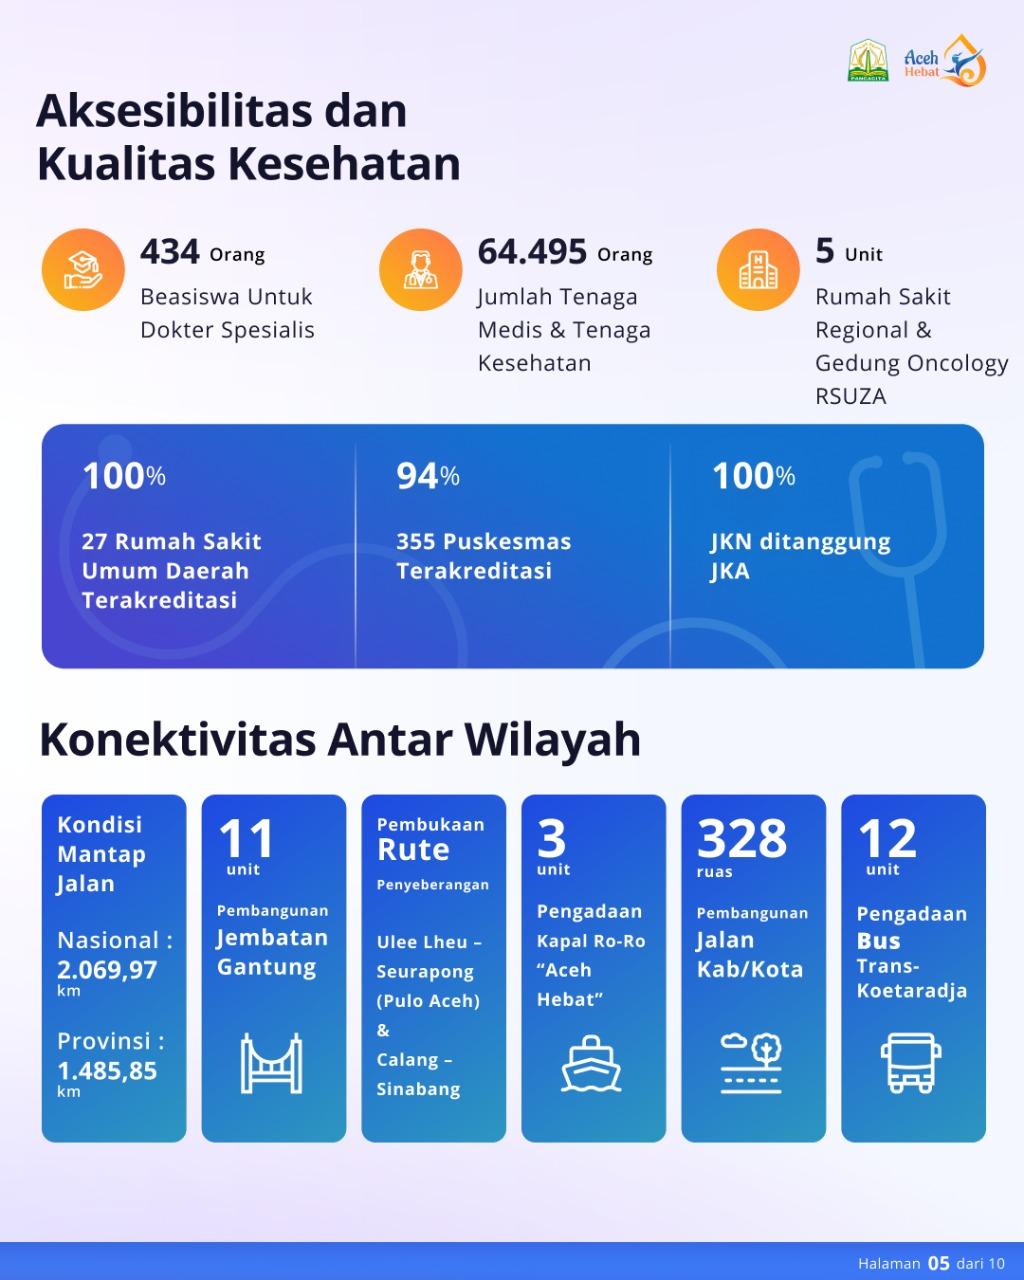 Aceh Hebat : Aksesibilitas dan Kualitas Kesehatan